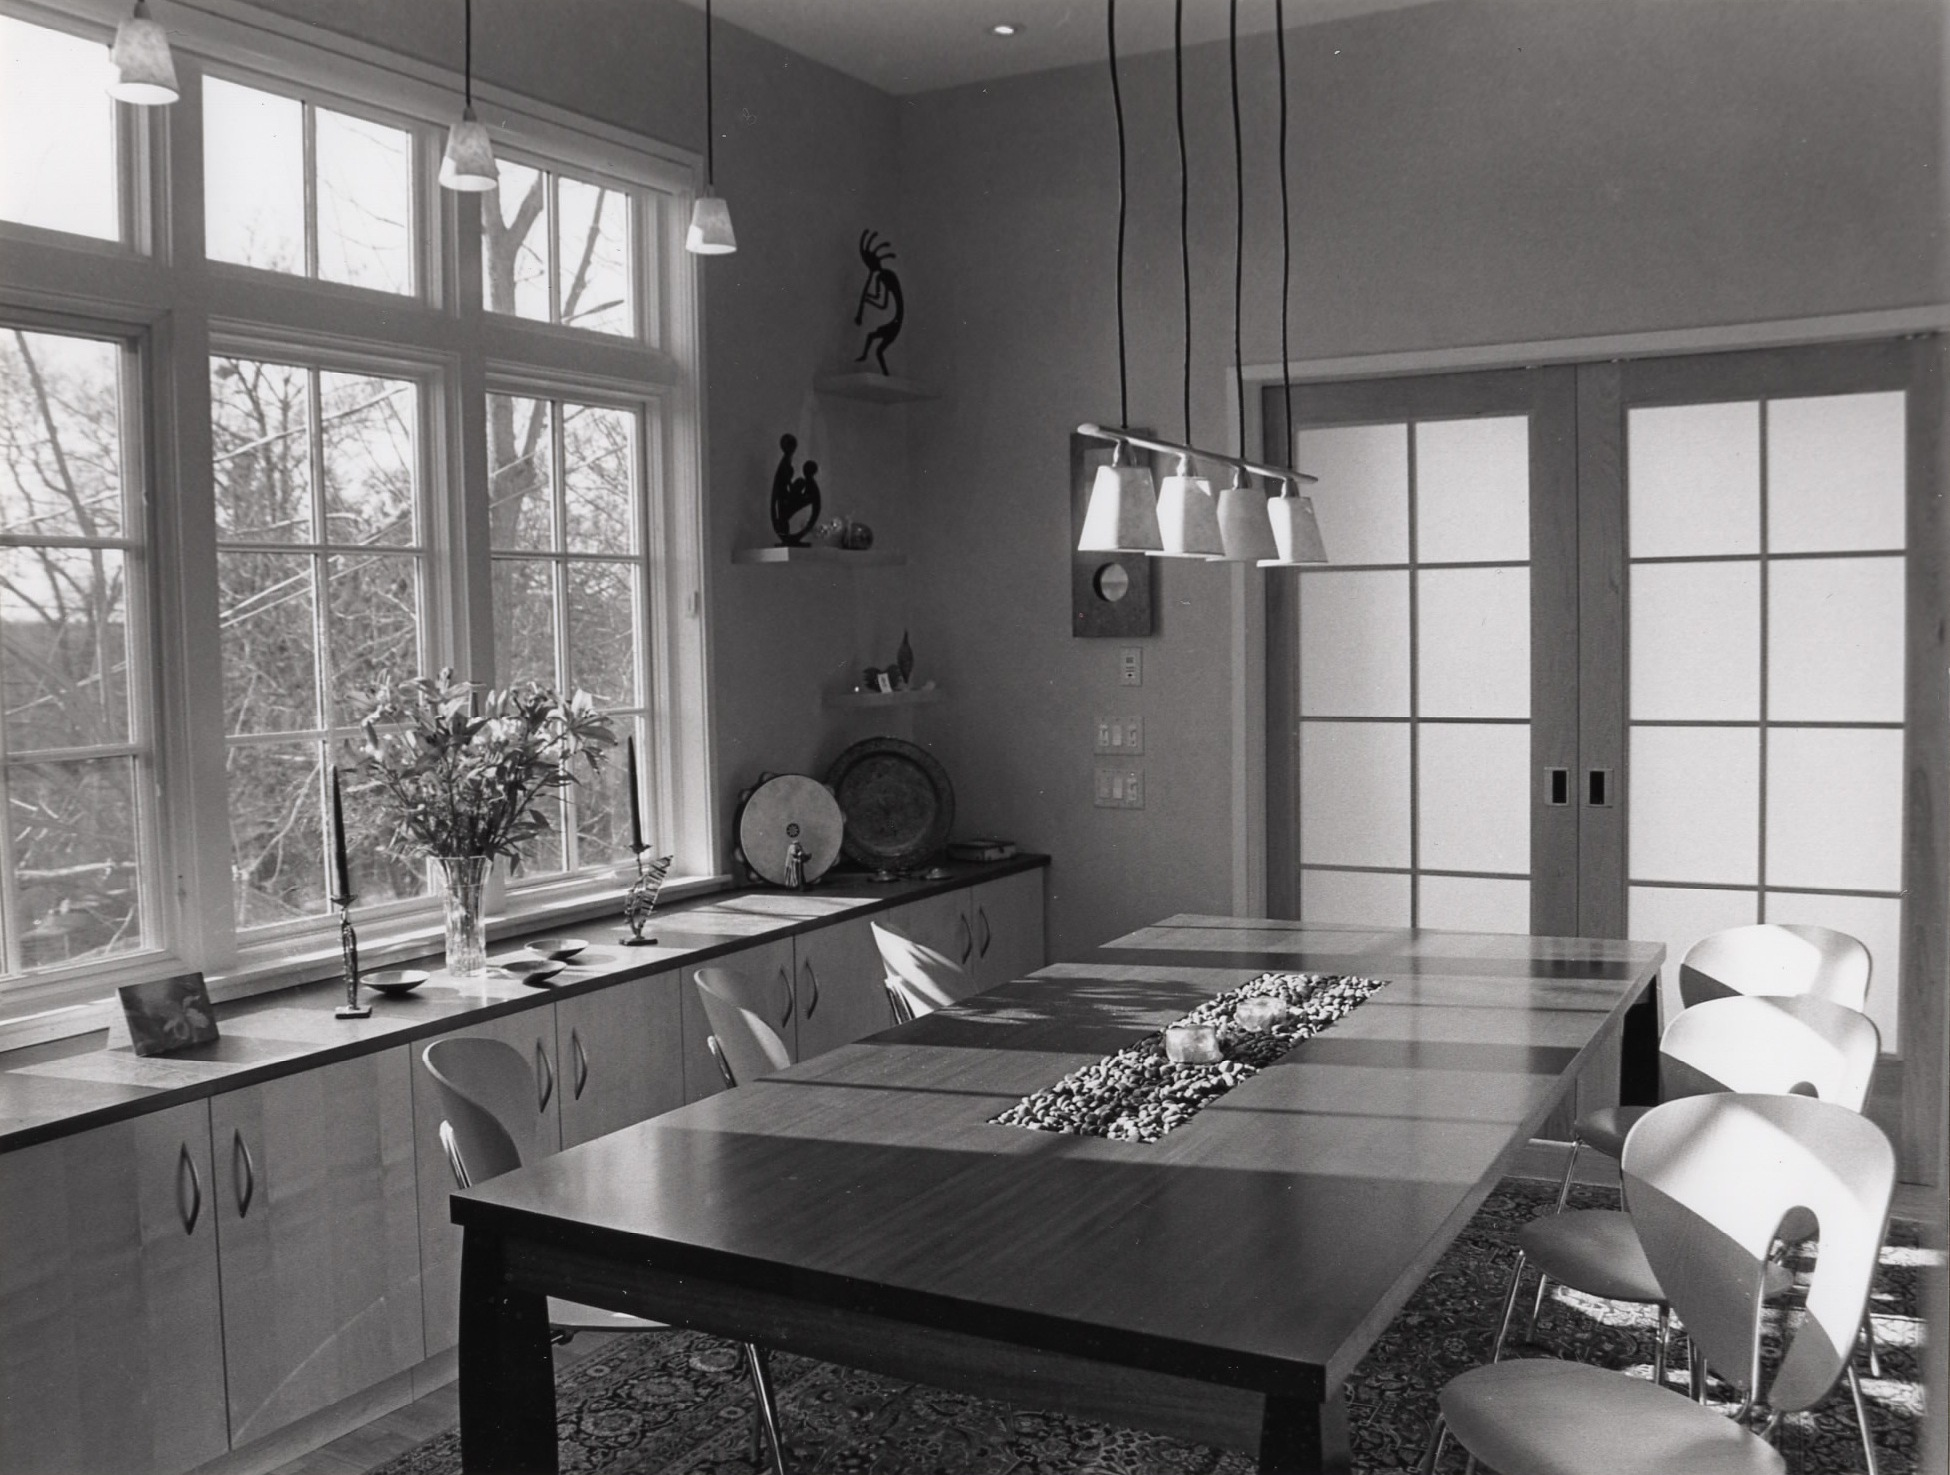 Ain-Dining Room.JPG